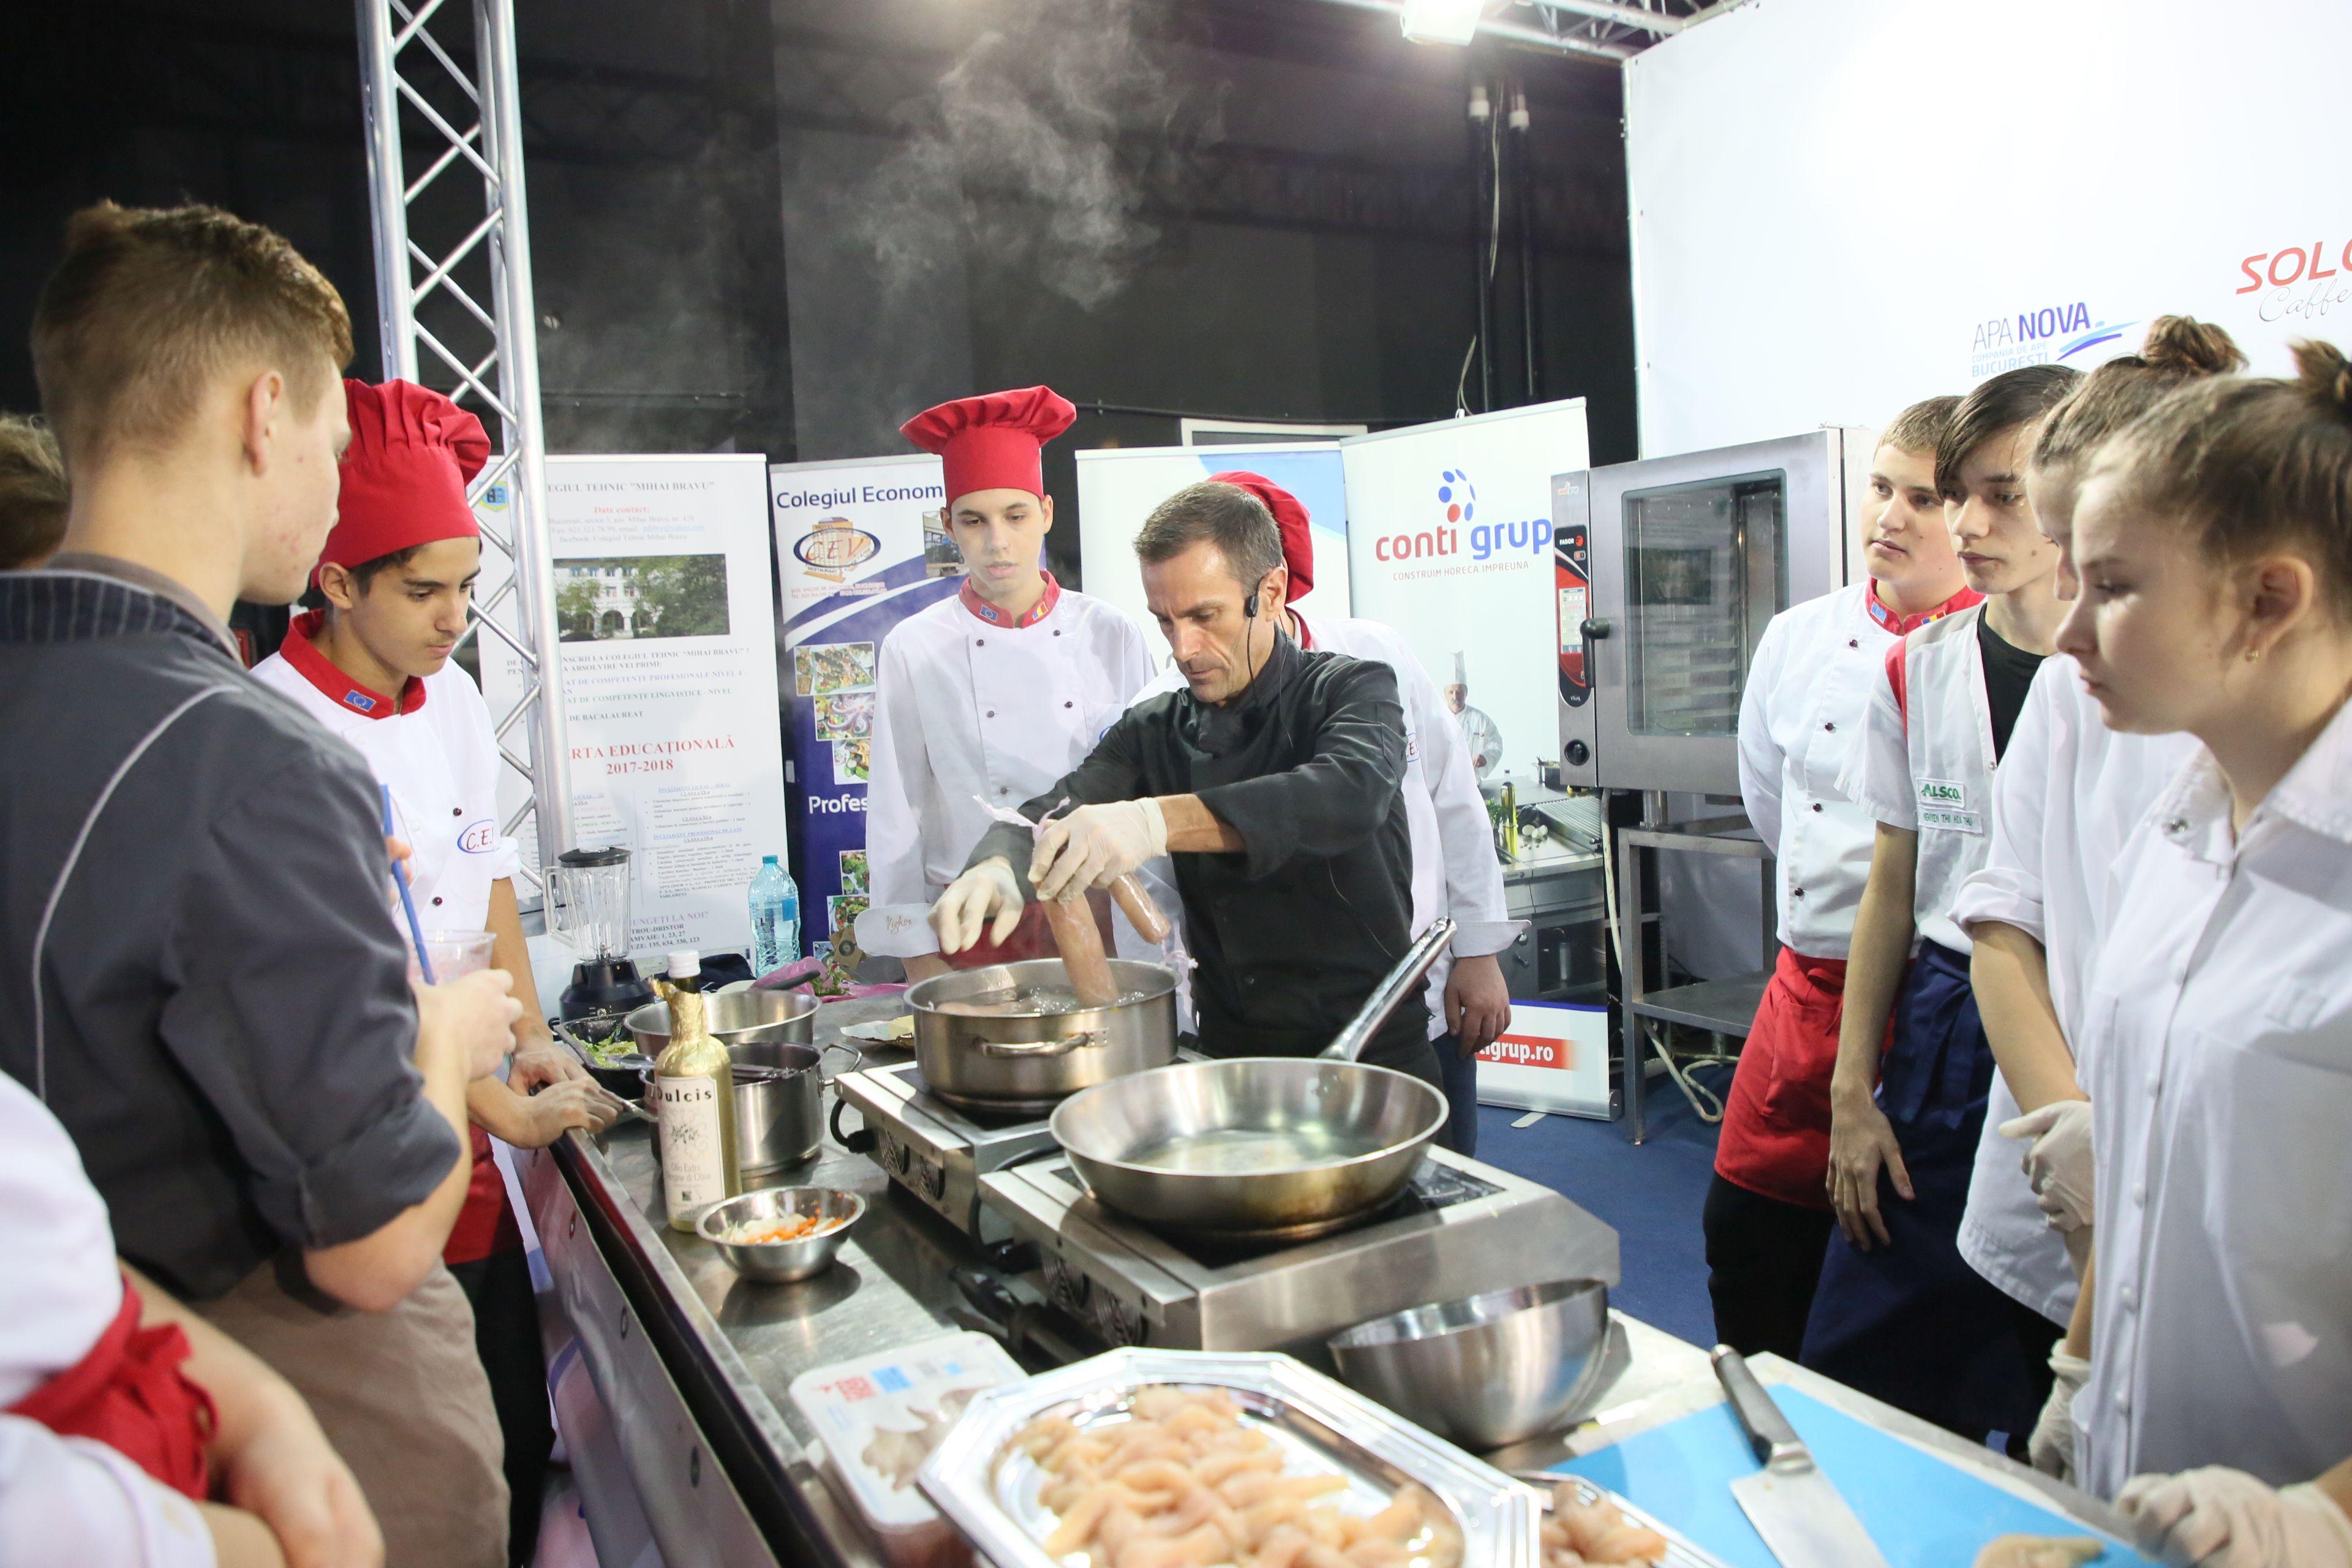 Sarbatoarea_Gustului_Chef_Philippe_Dupre_Master_class_pui_coco_rico_14